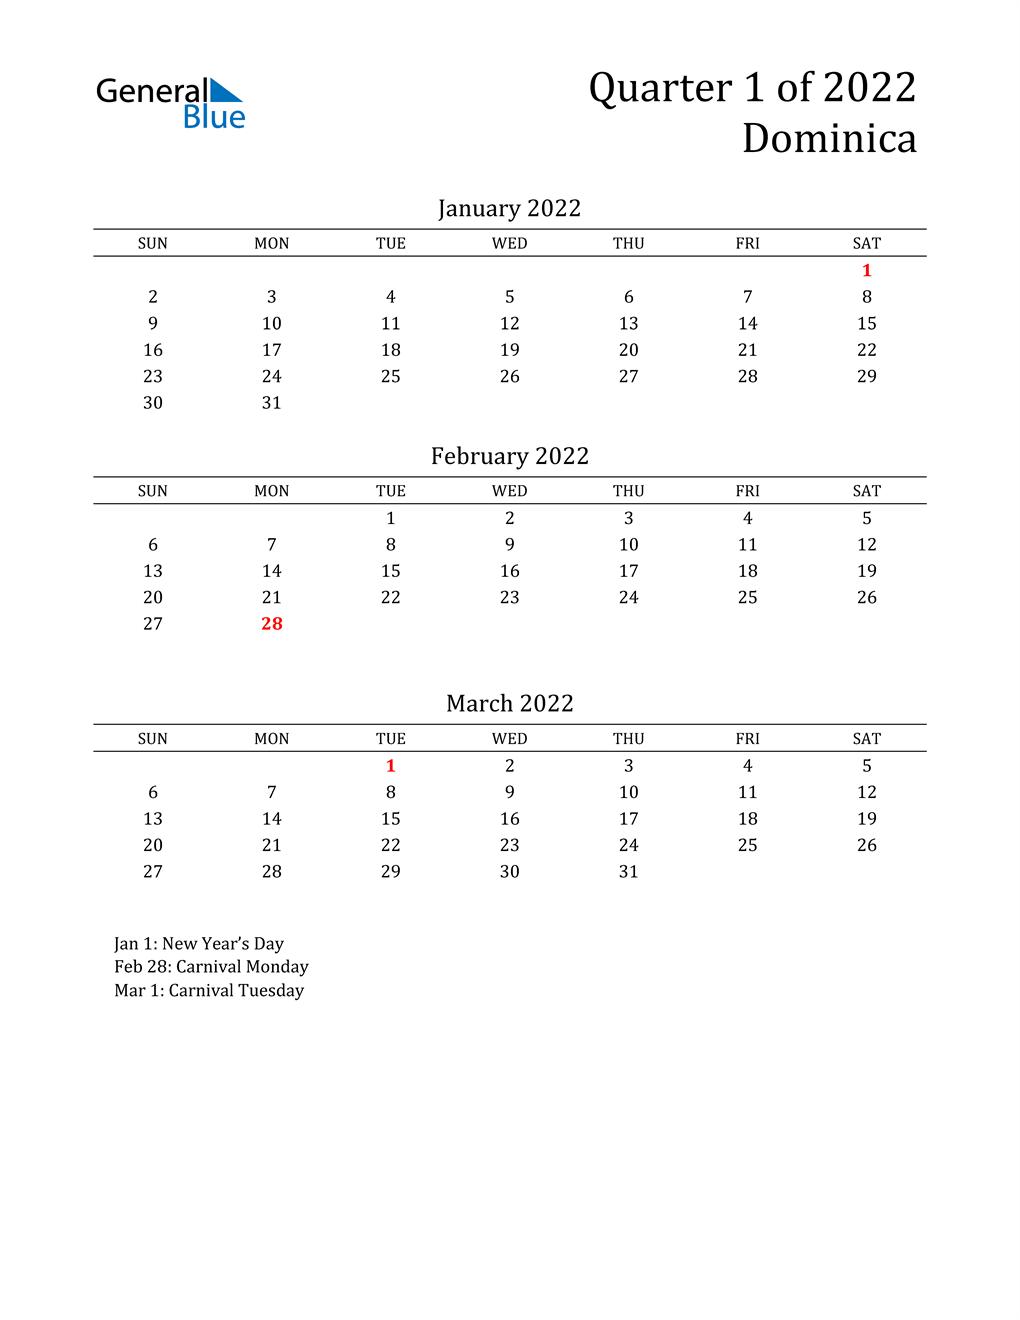 2022 Dominica Quarterly Calendar